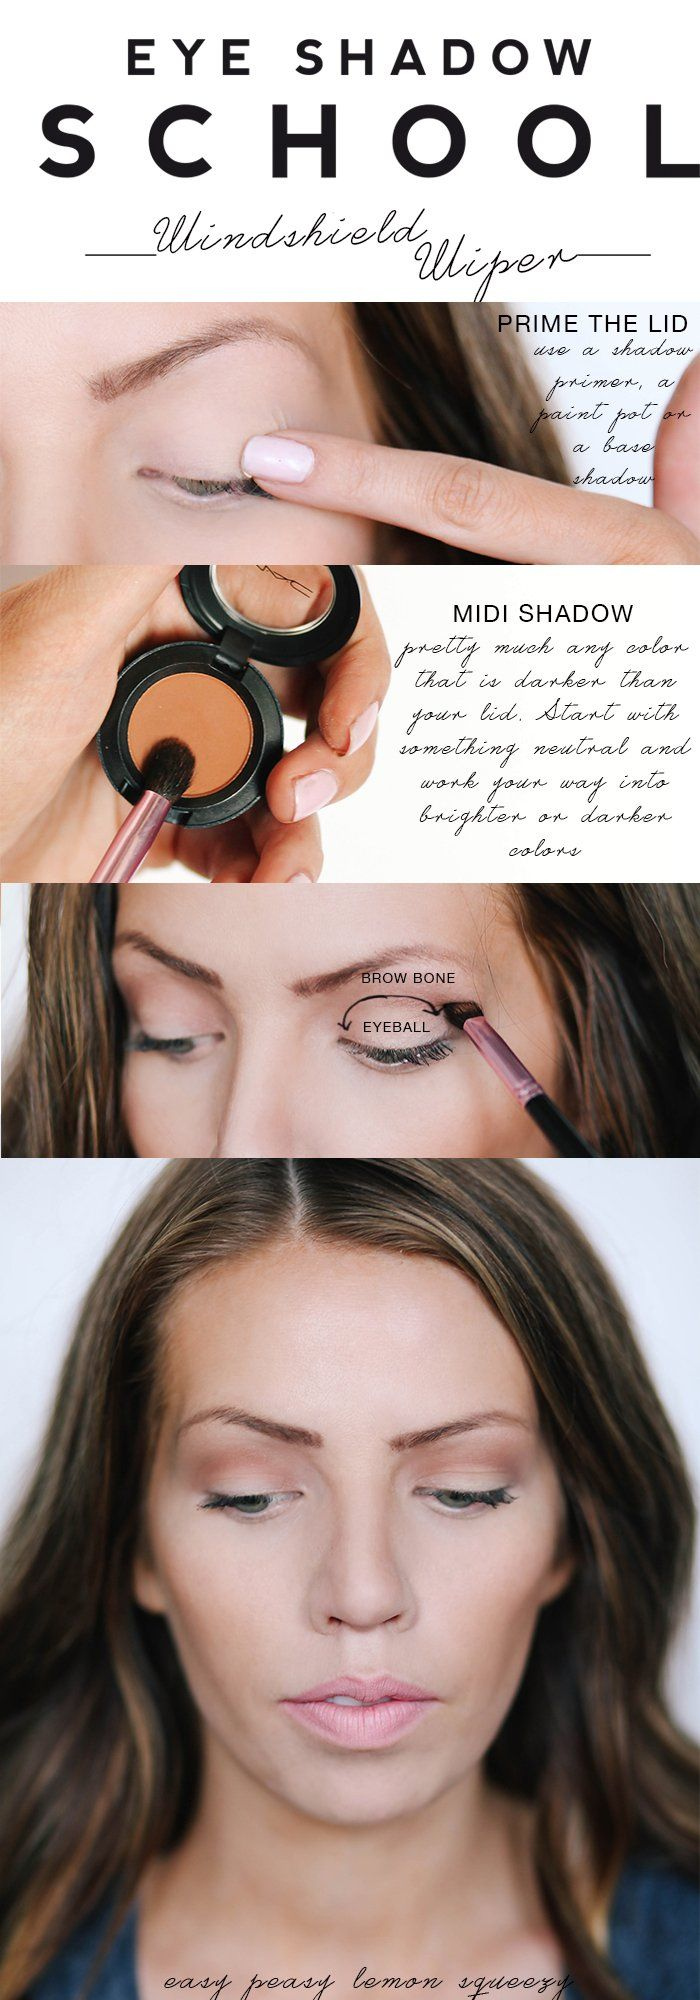 Easy daytime eyeshadow look.  Eyeshadow School: Windshield Wiper - Maskcara